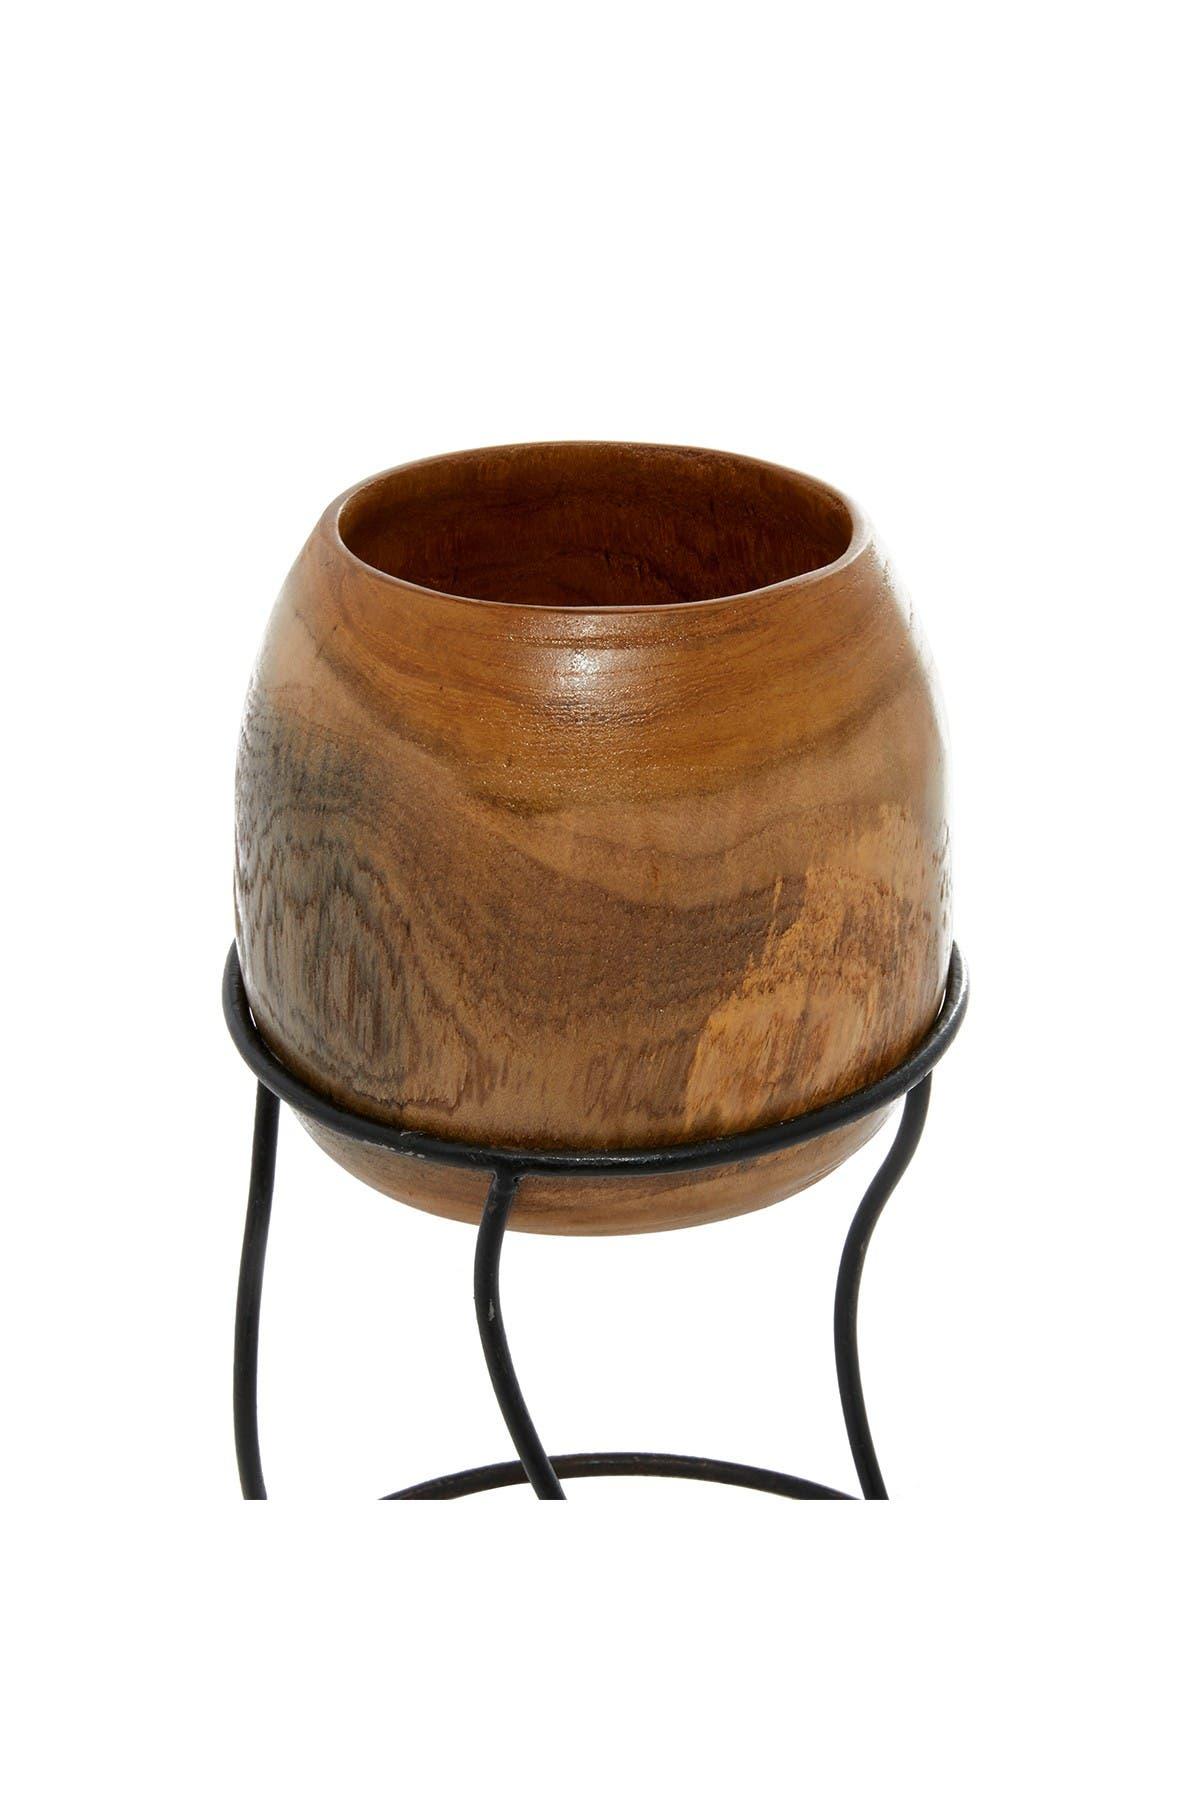 Image of Willow Row Brown Teak Wood Rustic Vase